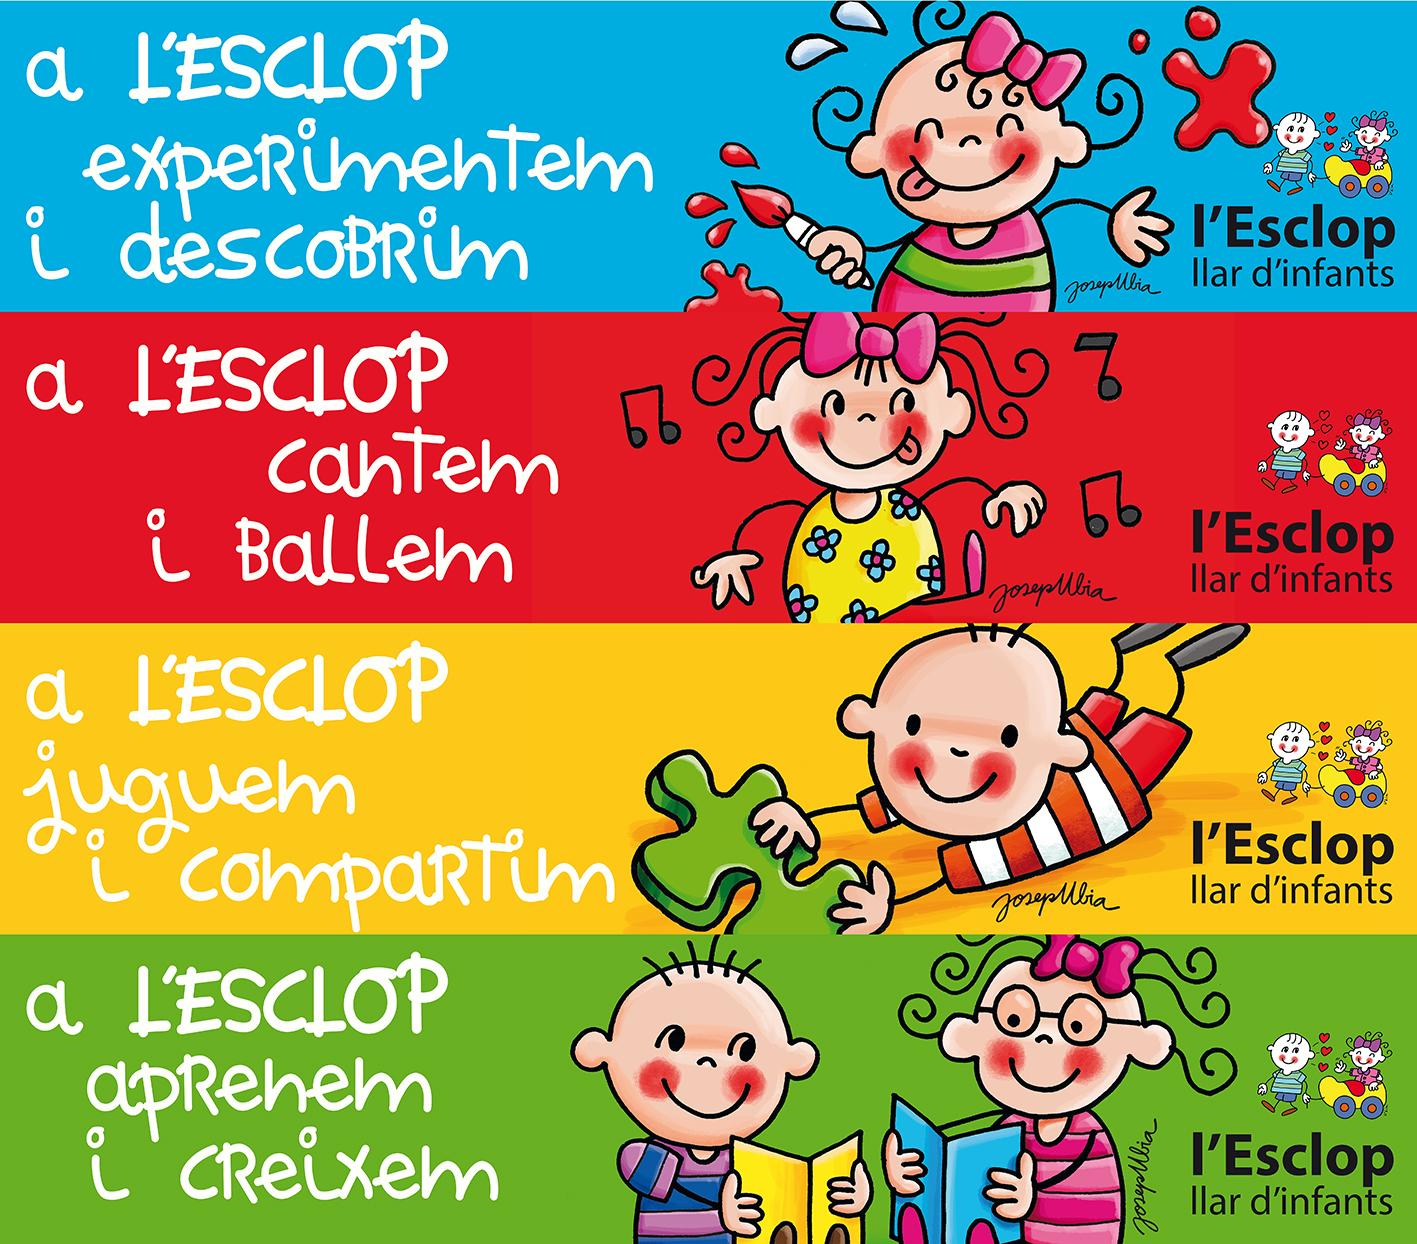 Llar d'infants Esclop